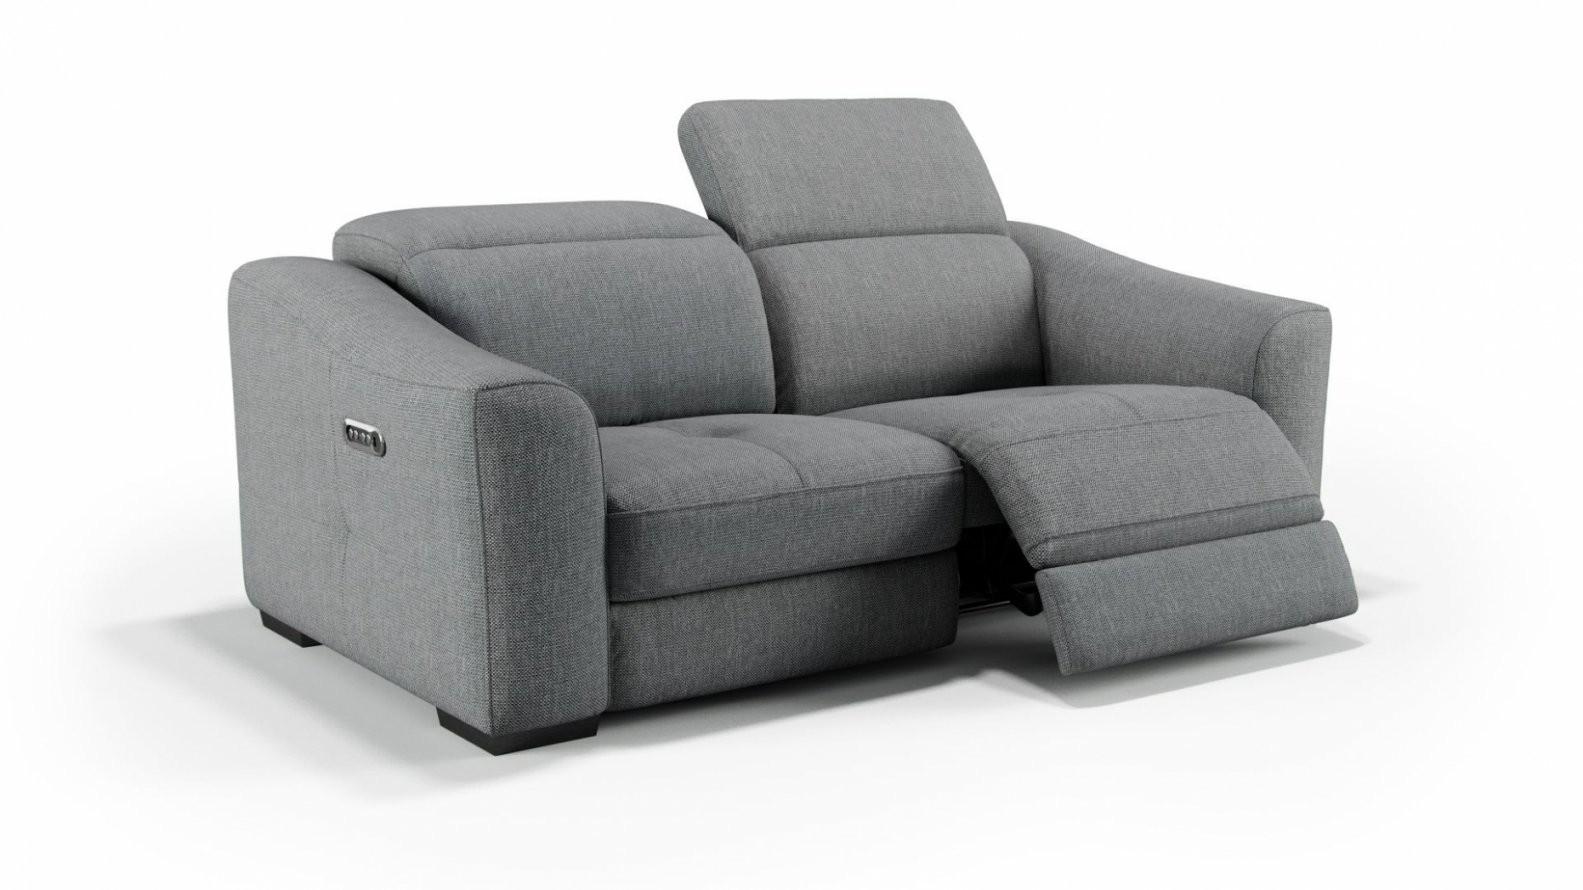 Poco Angebote Couch Neu Ledercouch Mit Schlaffunktion Neu 2 Sitzer von 2 Sitzer Sofa Poco Photo